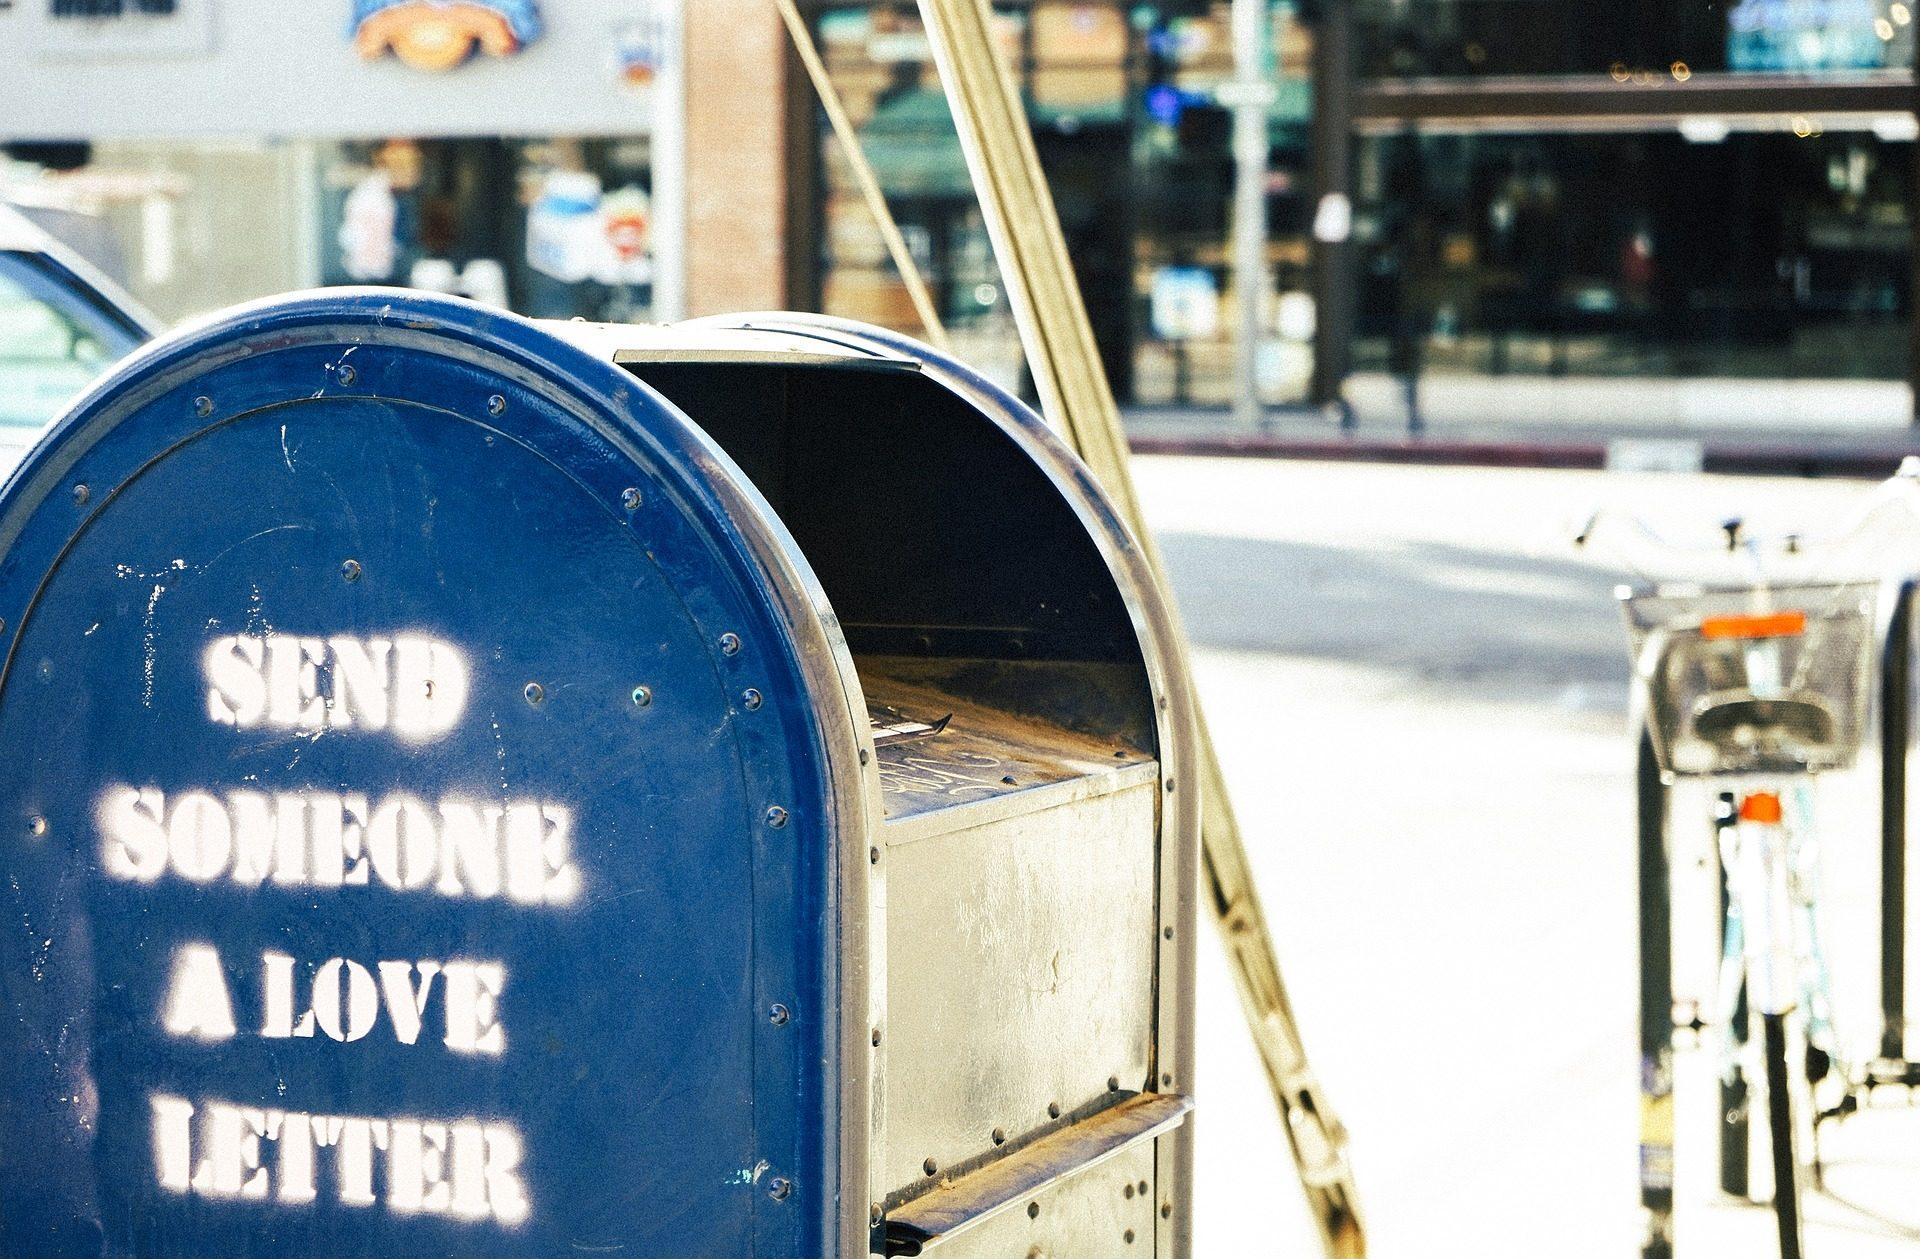 buzón, mensaje, carta, correo, postal, ciudad - Fondos de Pantalla HD - professor-falken.com